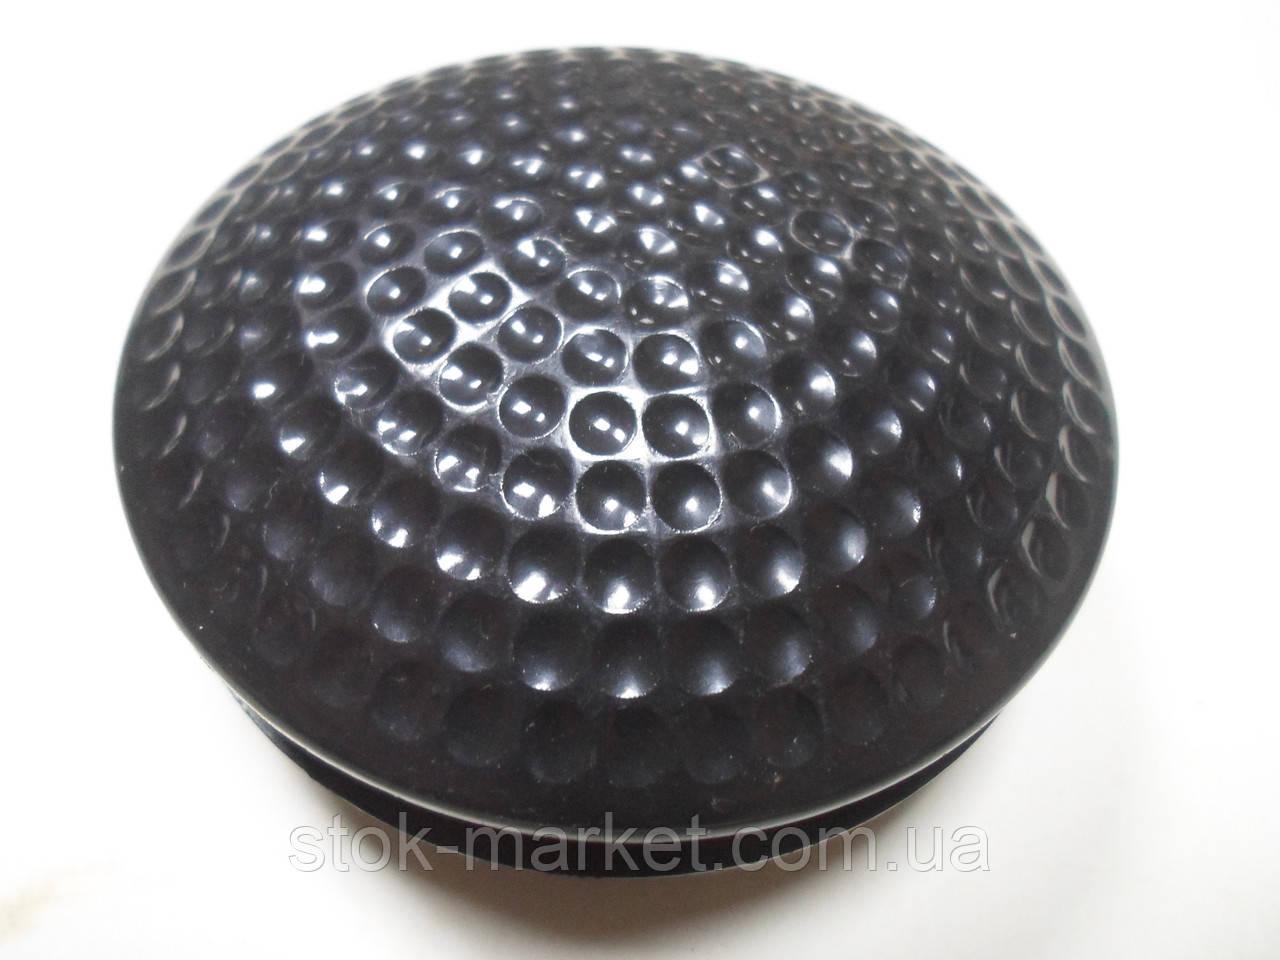 Антикражный датчик Гольф черный б/у, Бирки для одежды ракушка б у, Магниты для систем безопасности б/у, клипсы